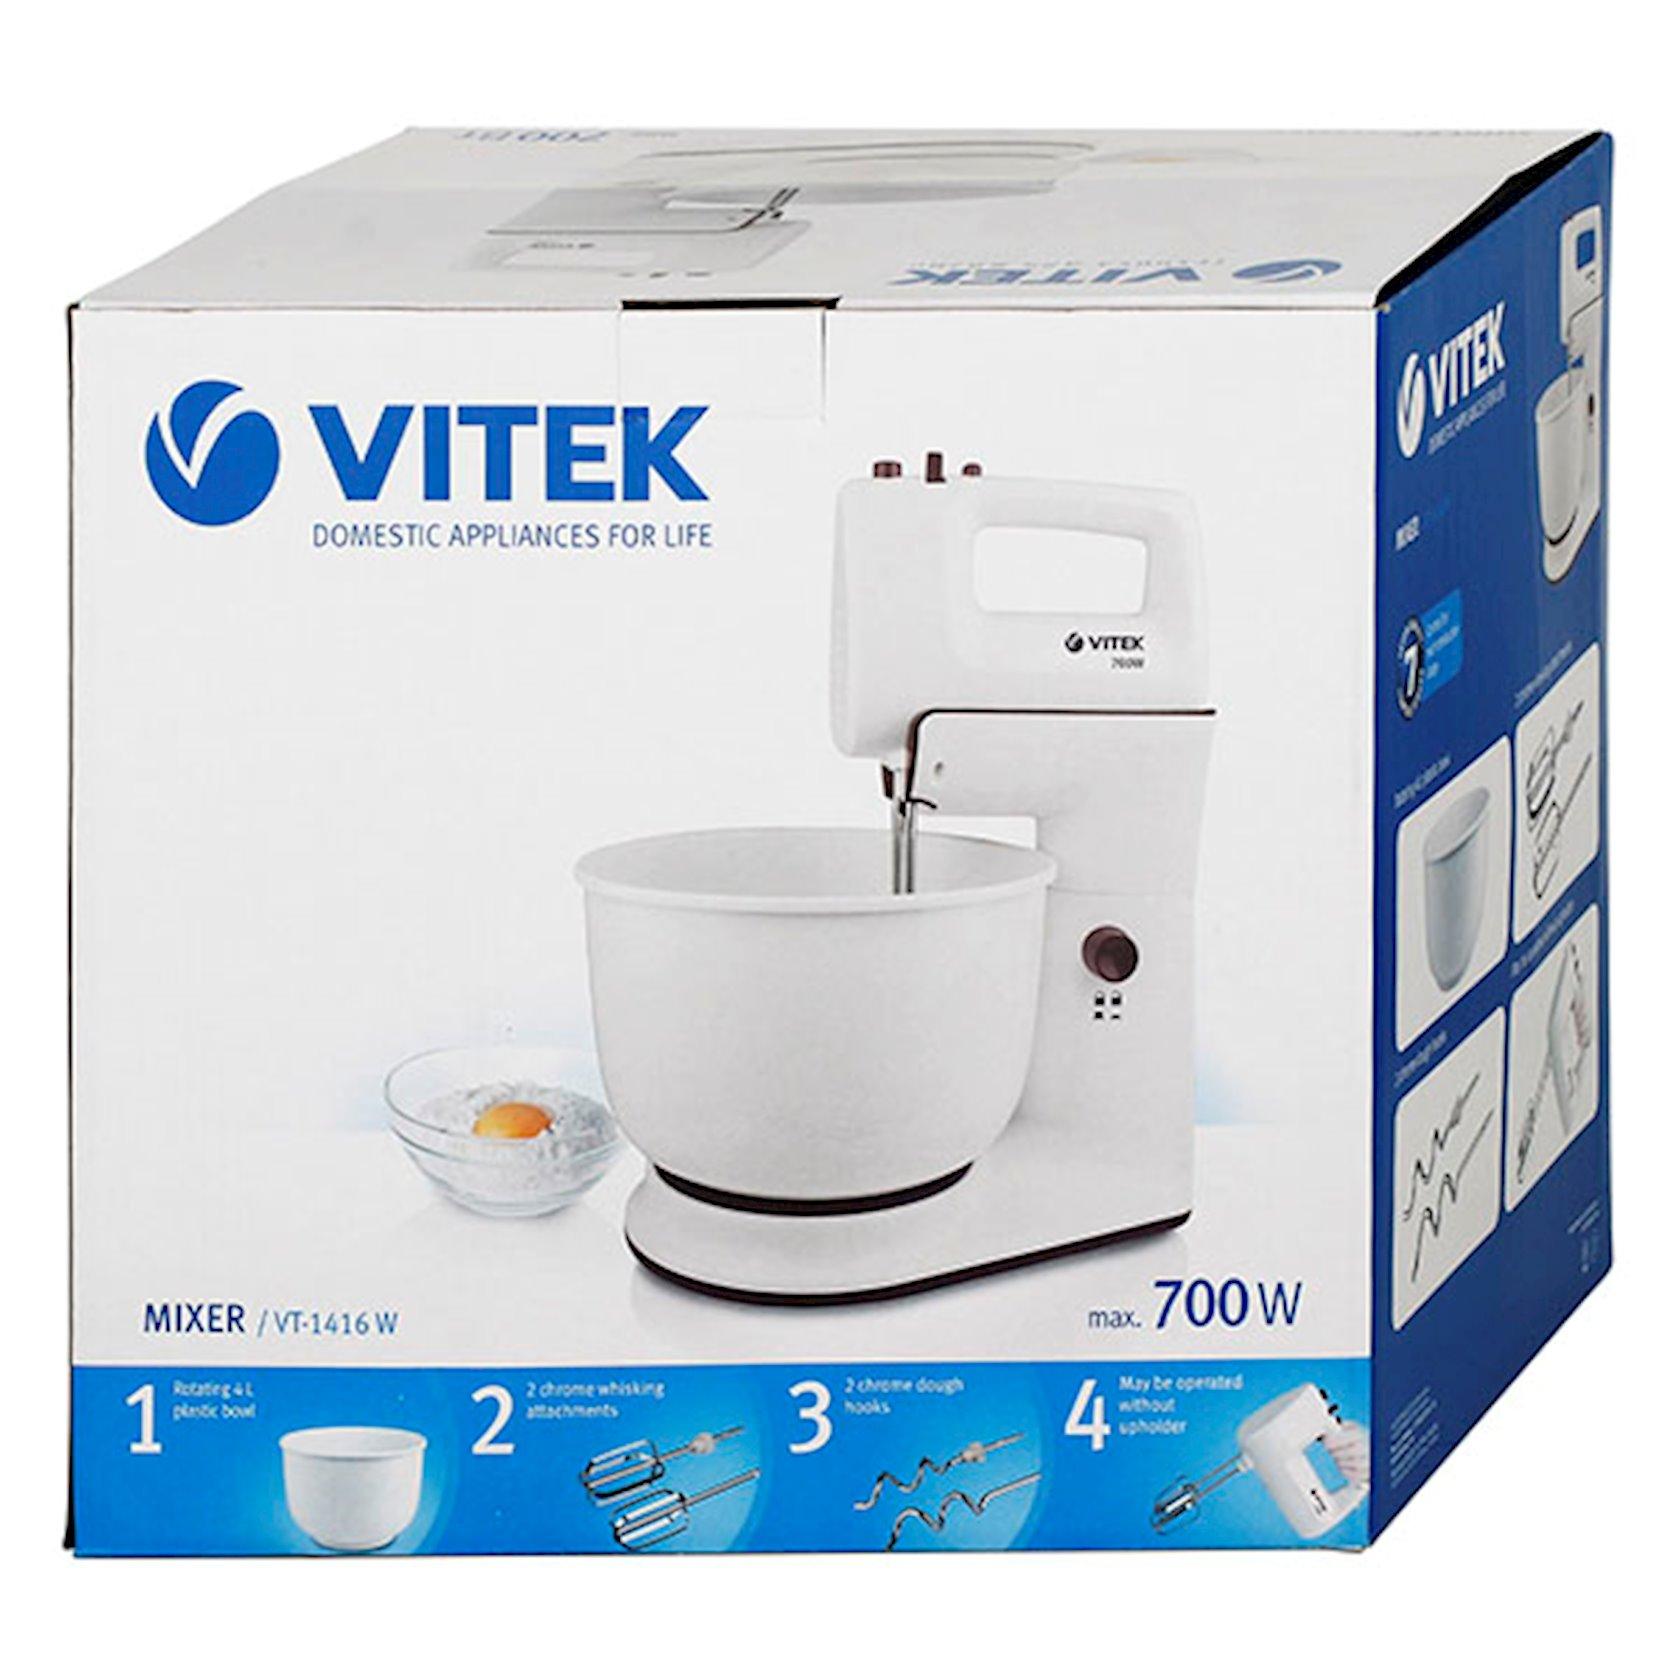 Mikser Vitek VT-1416